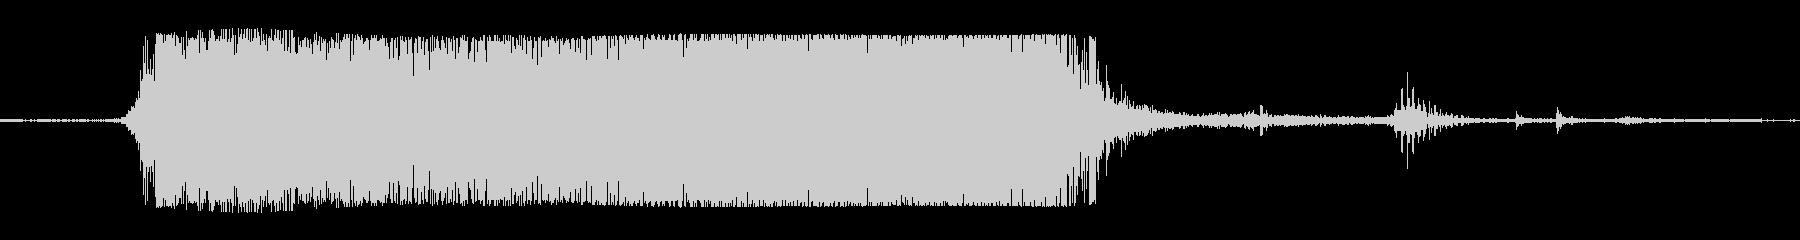 ギターメタルパワー和音dの未再生の波形